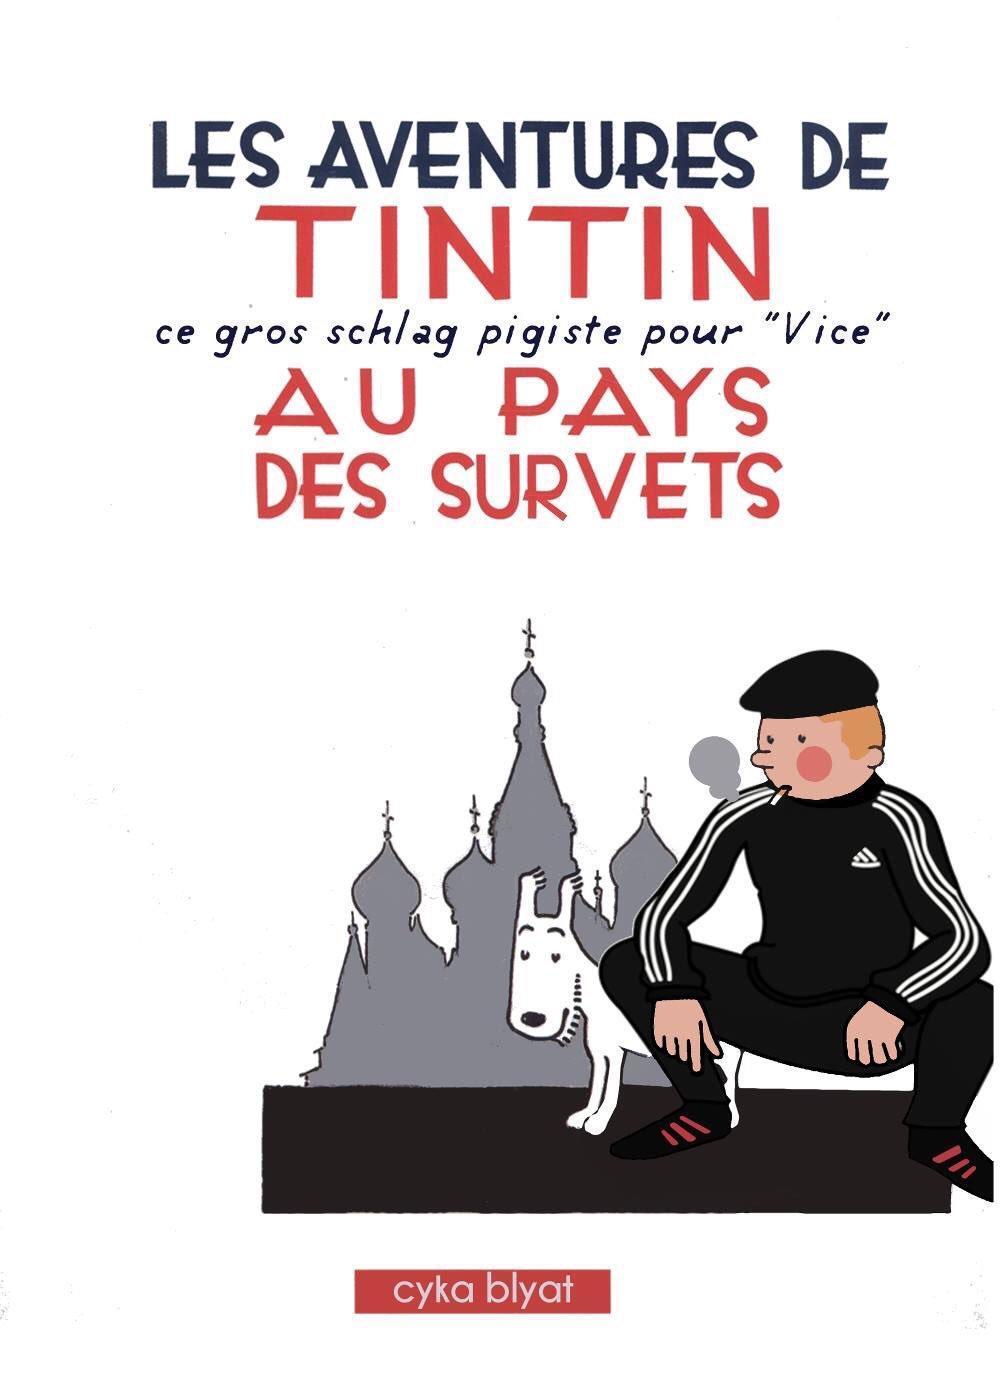 Tintin en gopnik - meme